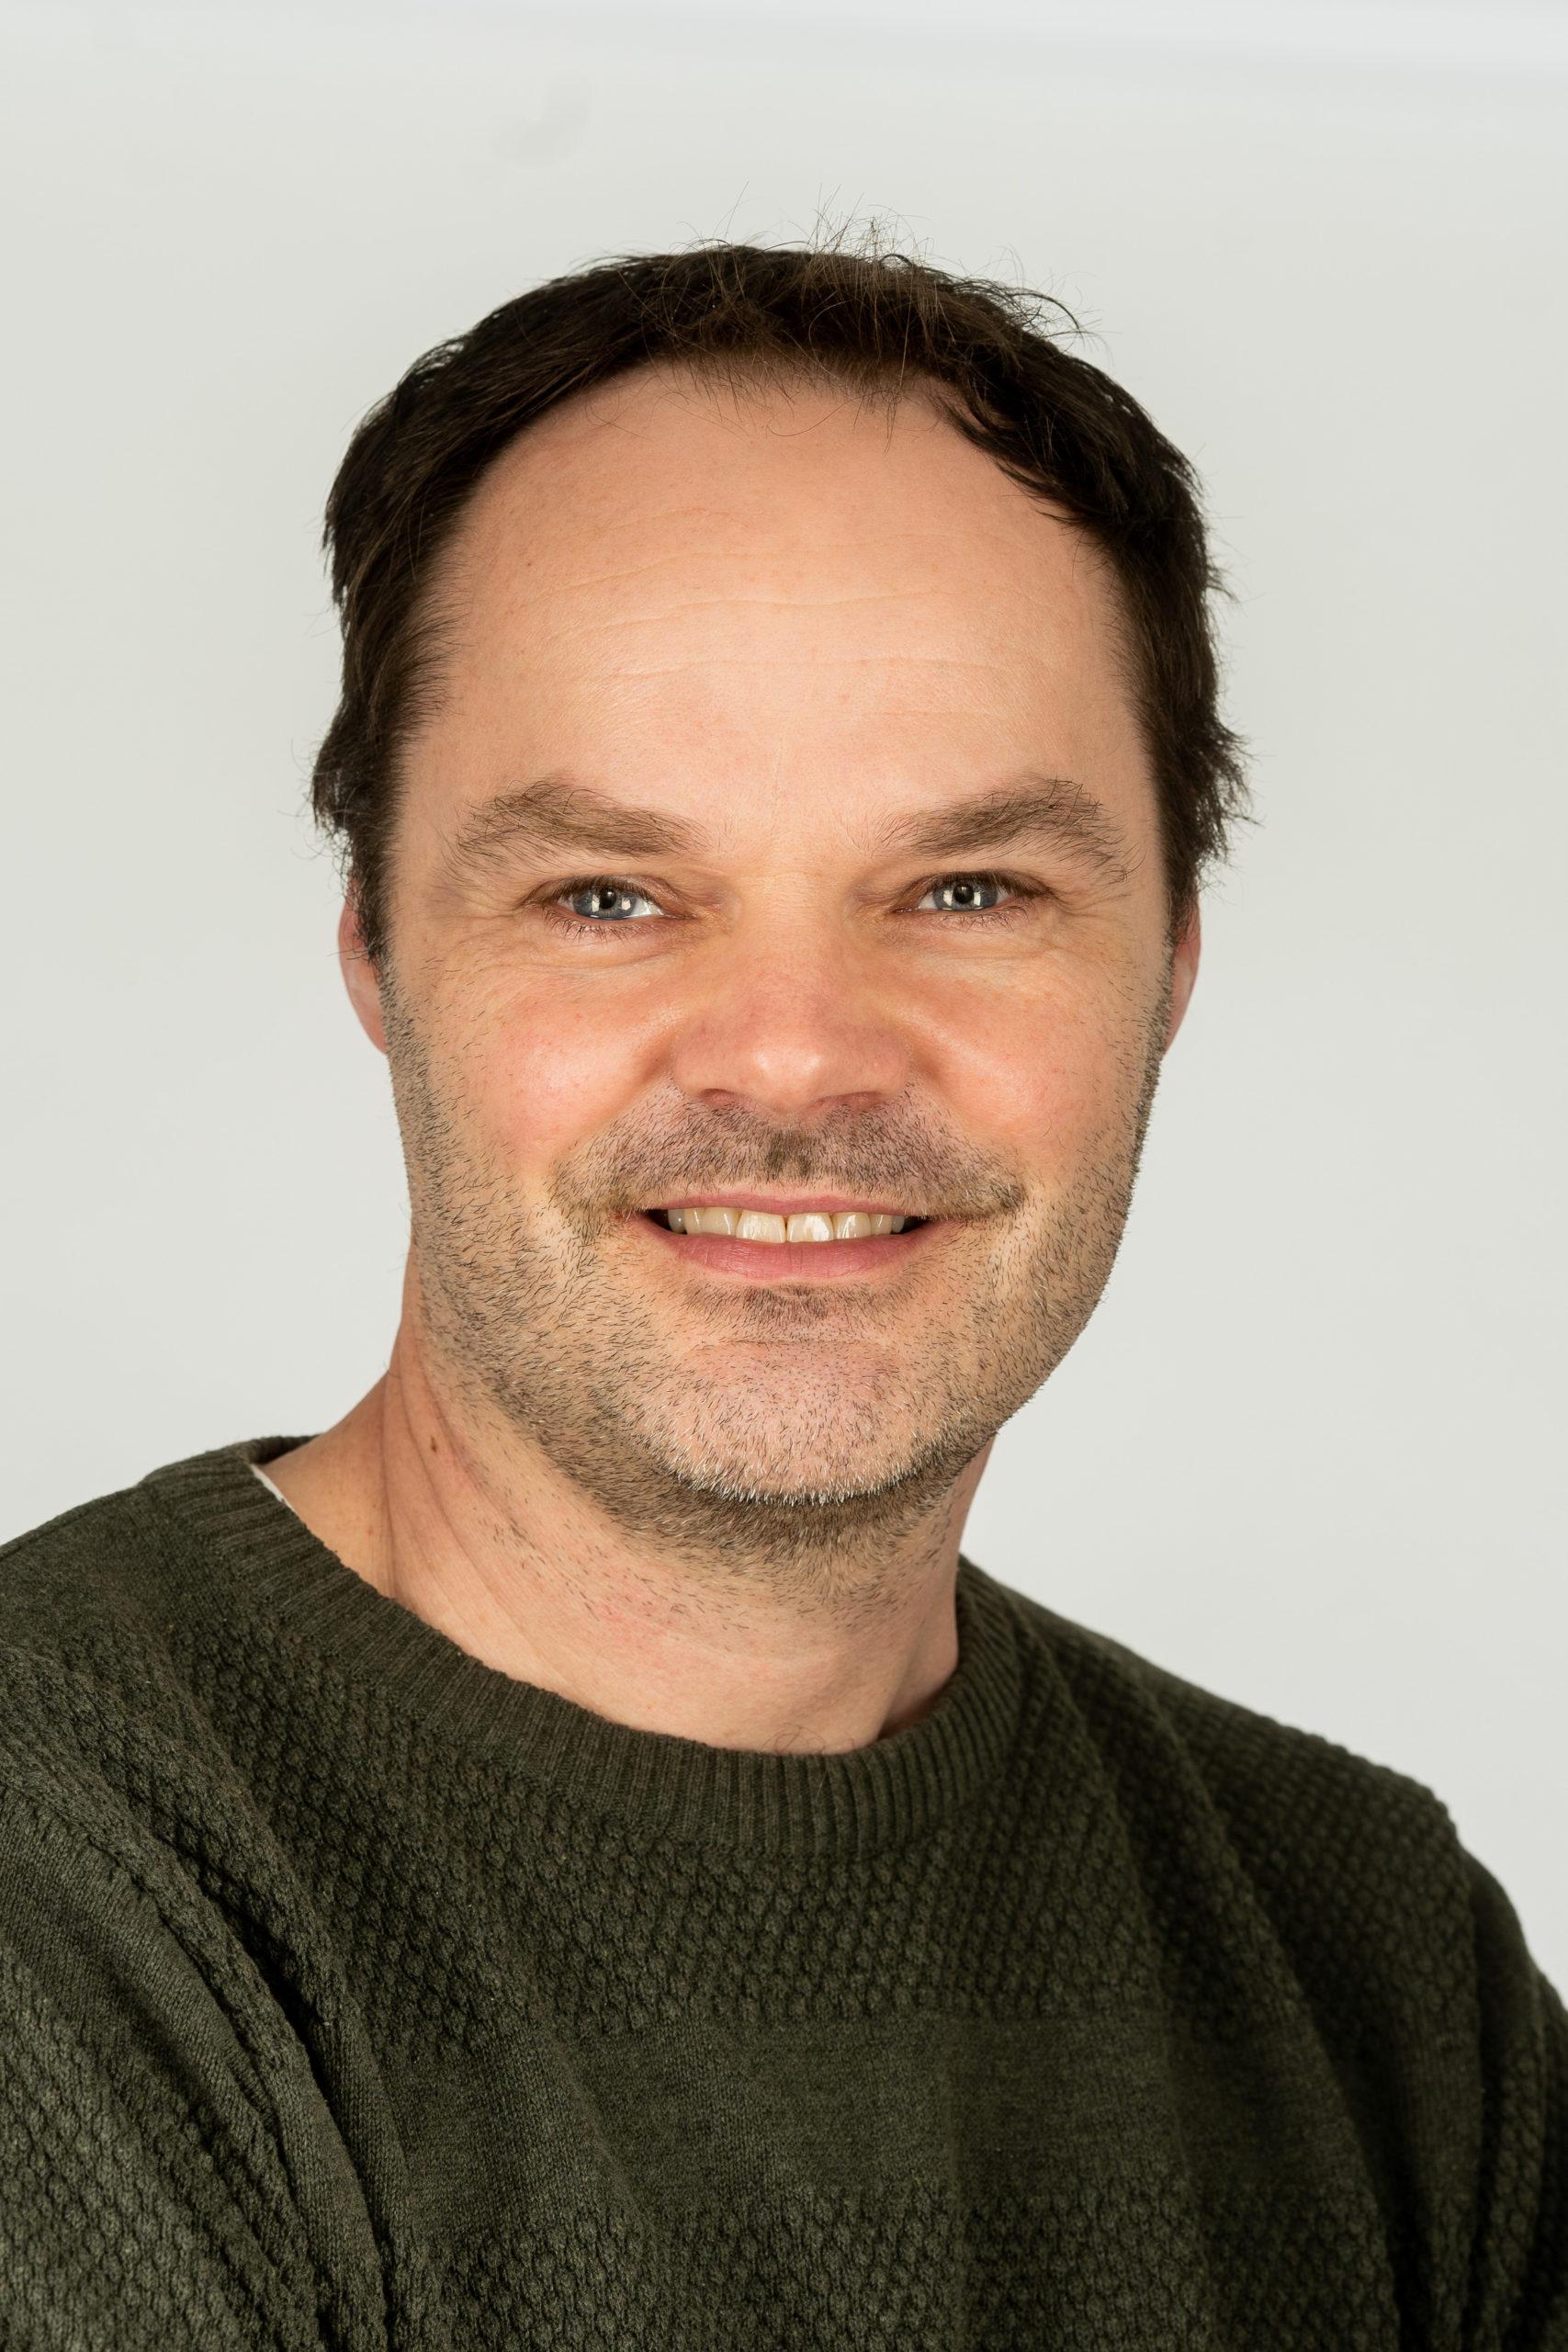 Lars Drotner